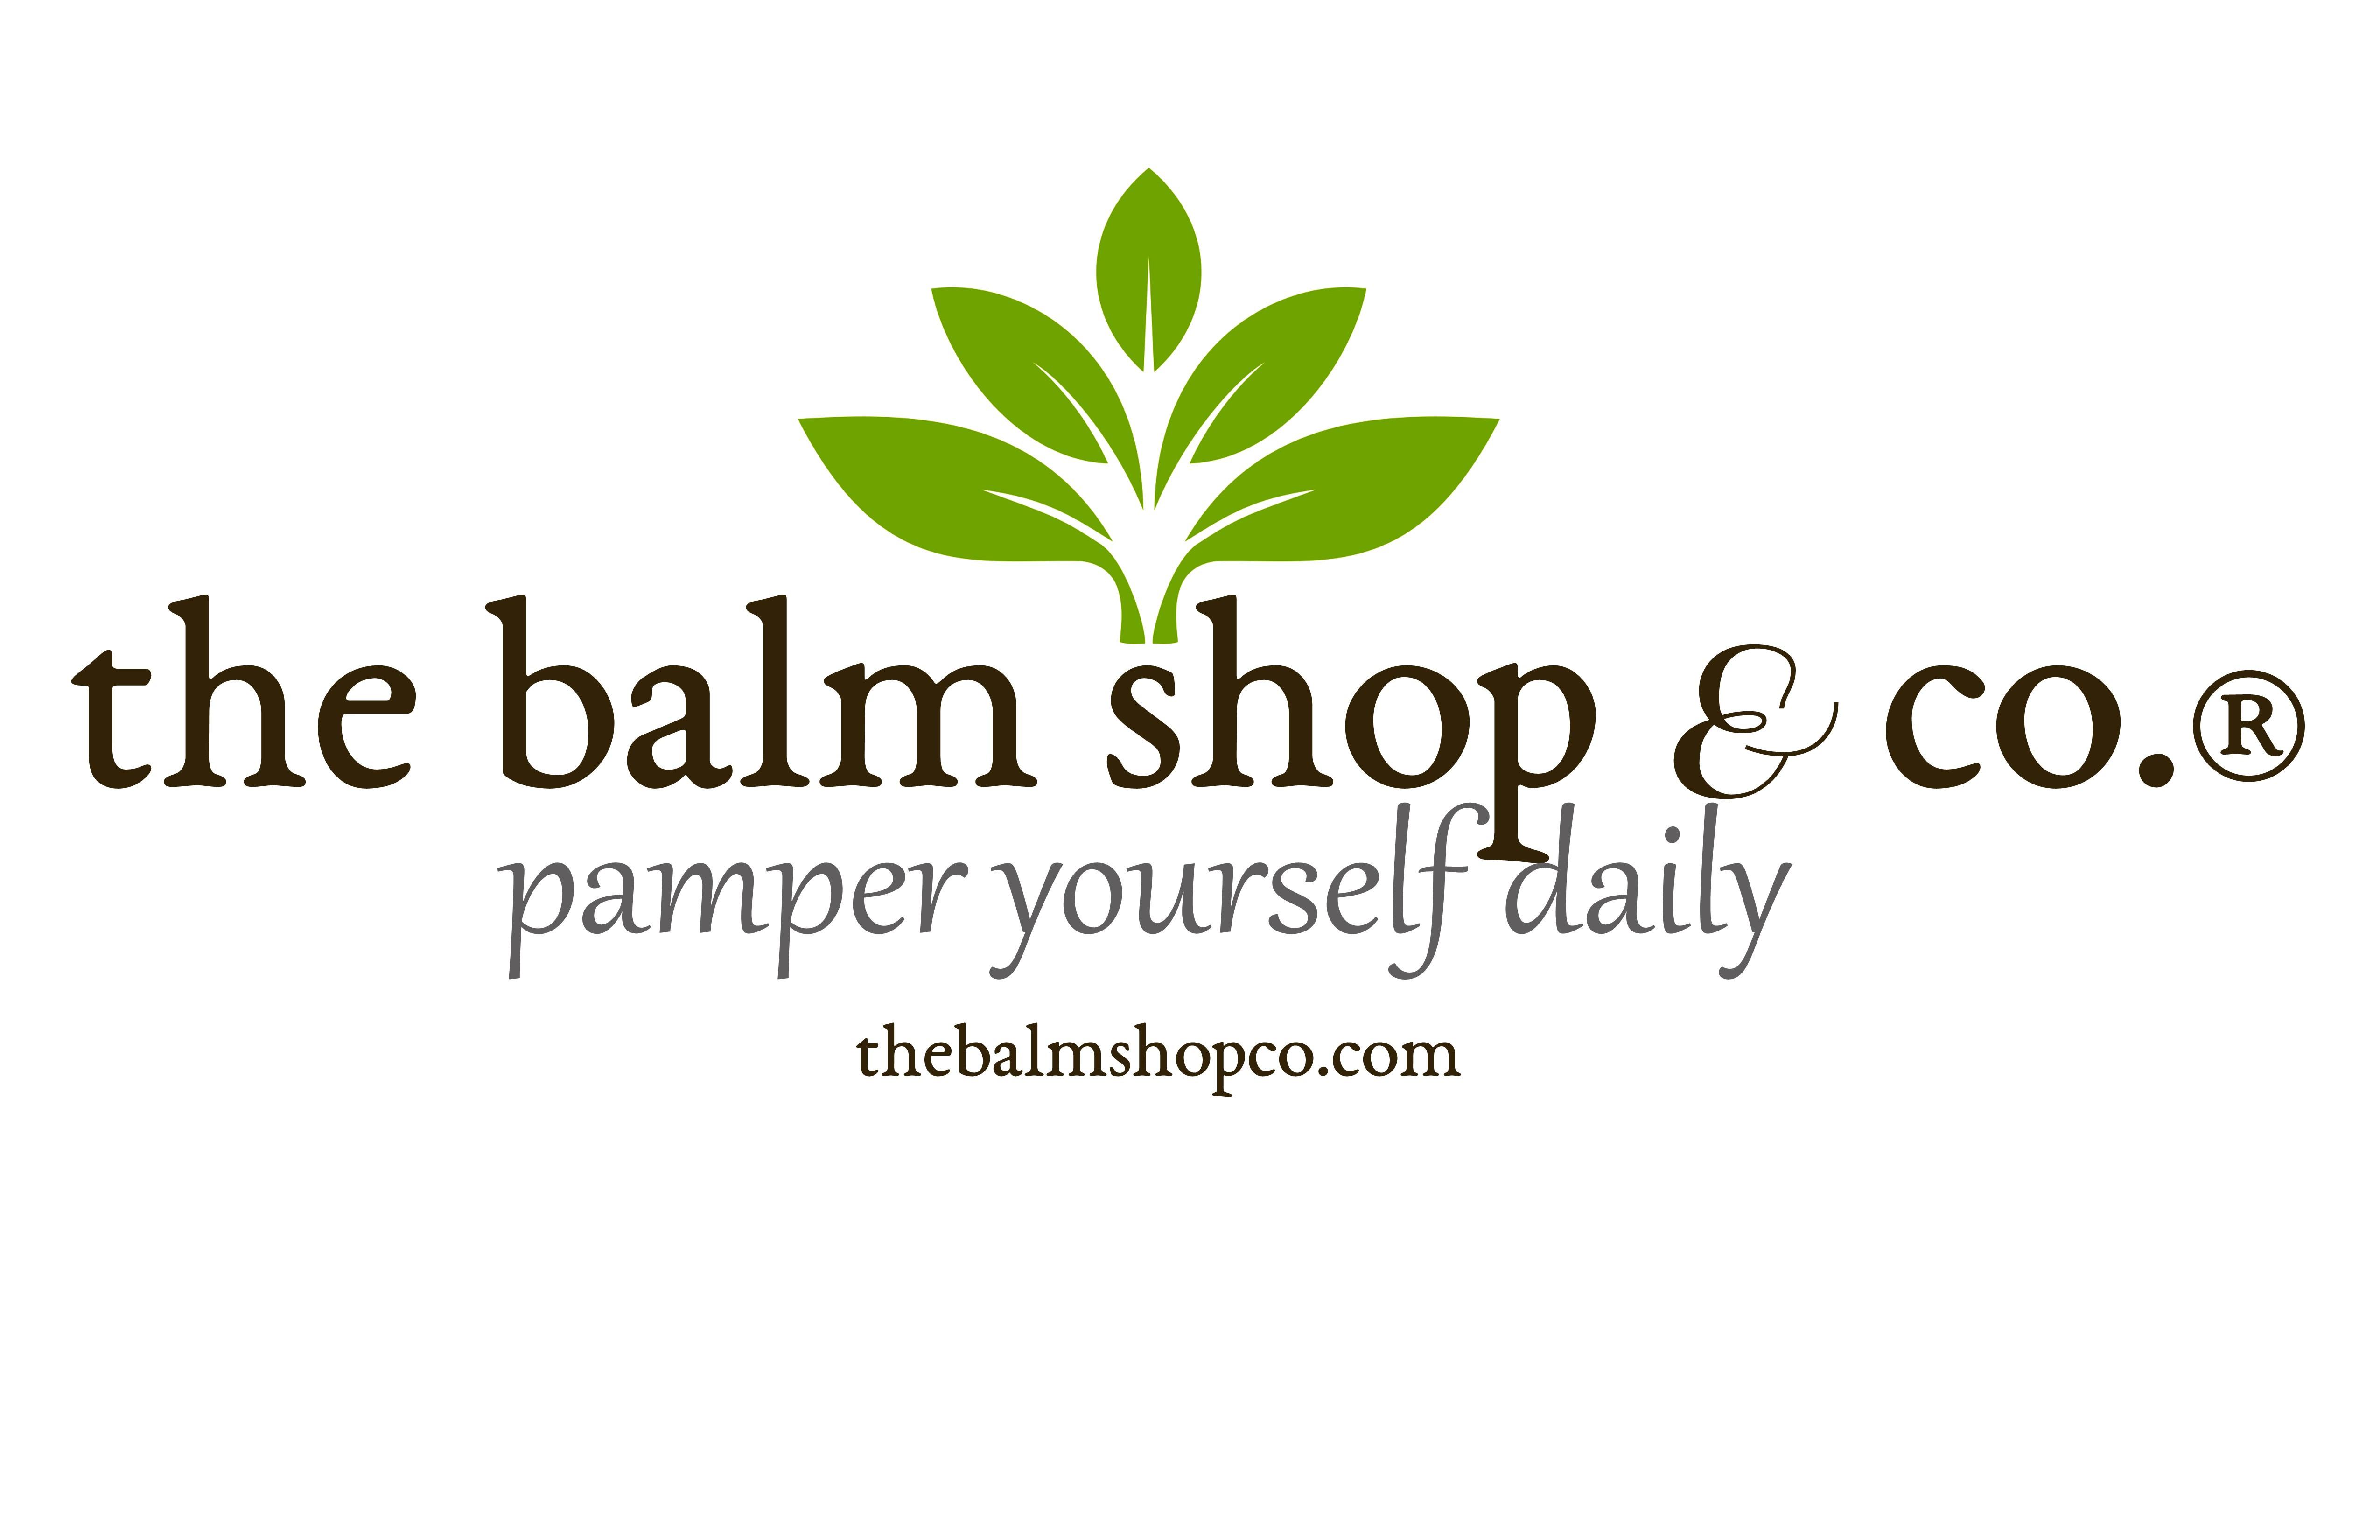 The Balm Shop & Co.